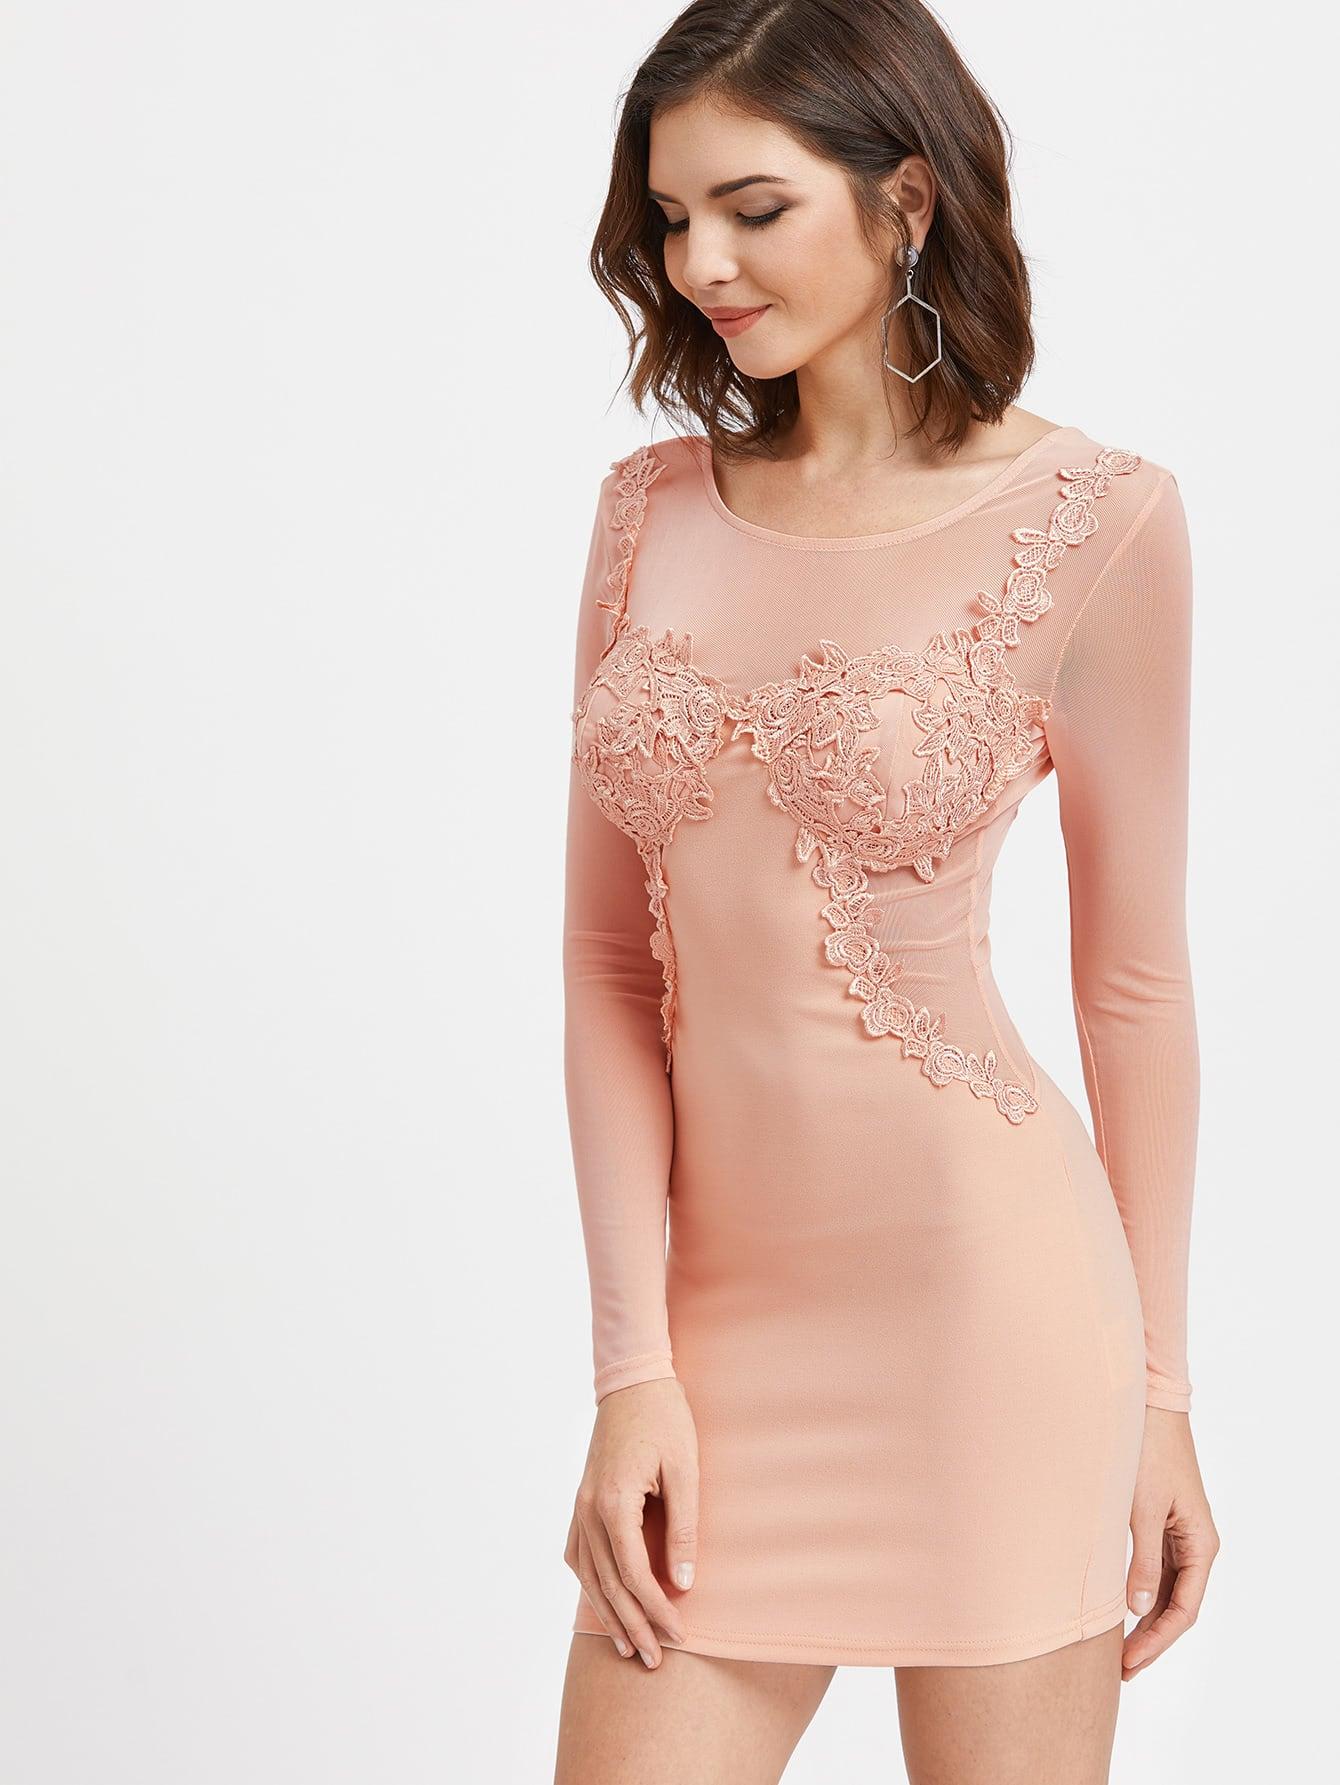 dress170313105_2